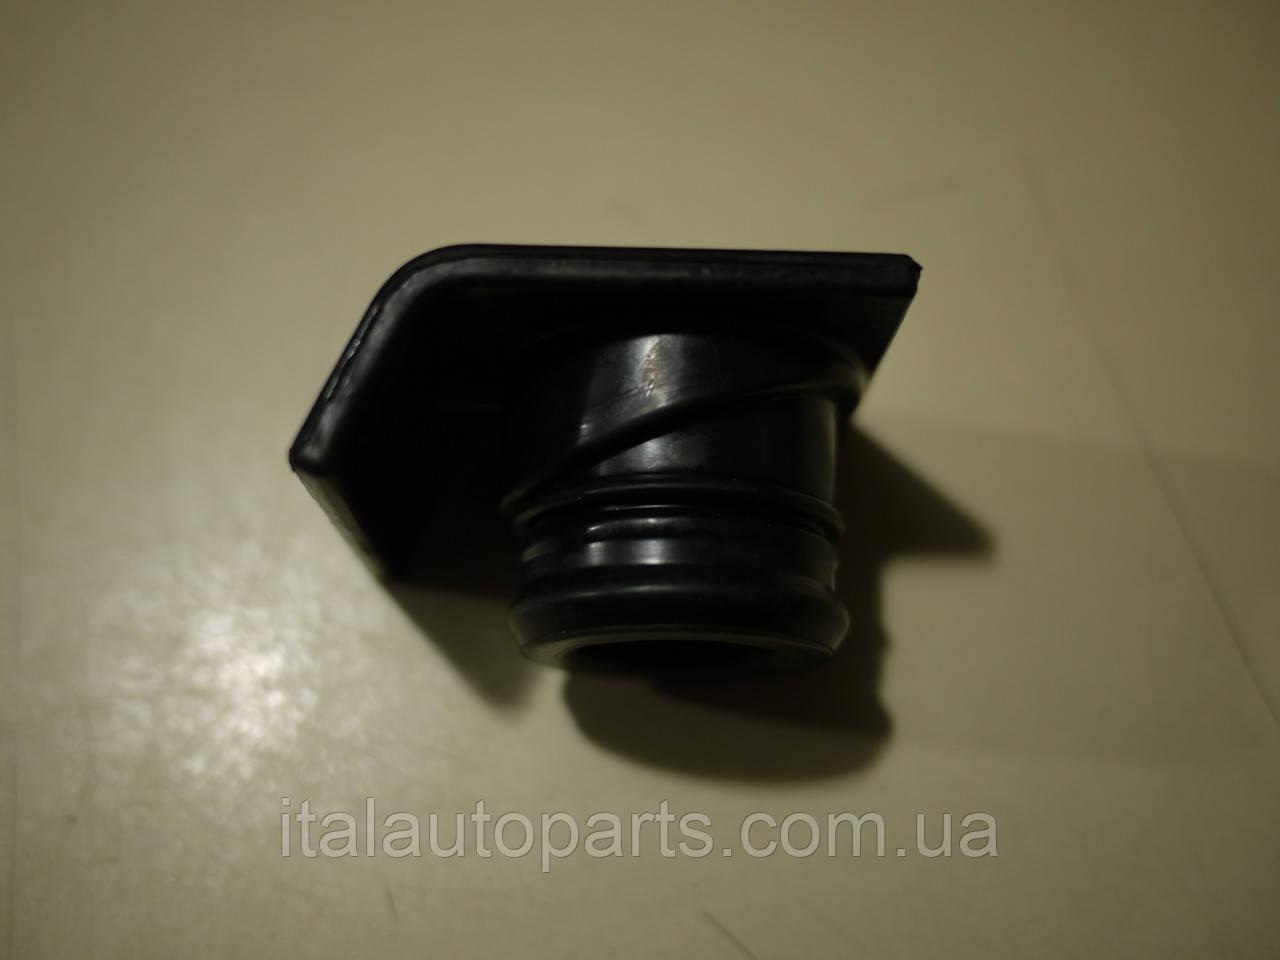 Пробка маслозаливной горловины Fiat Tempra